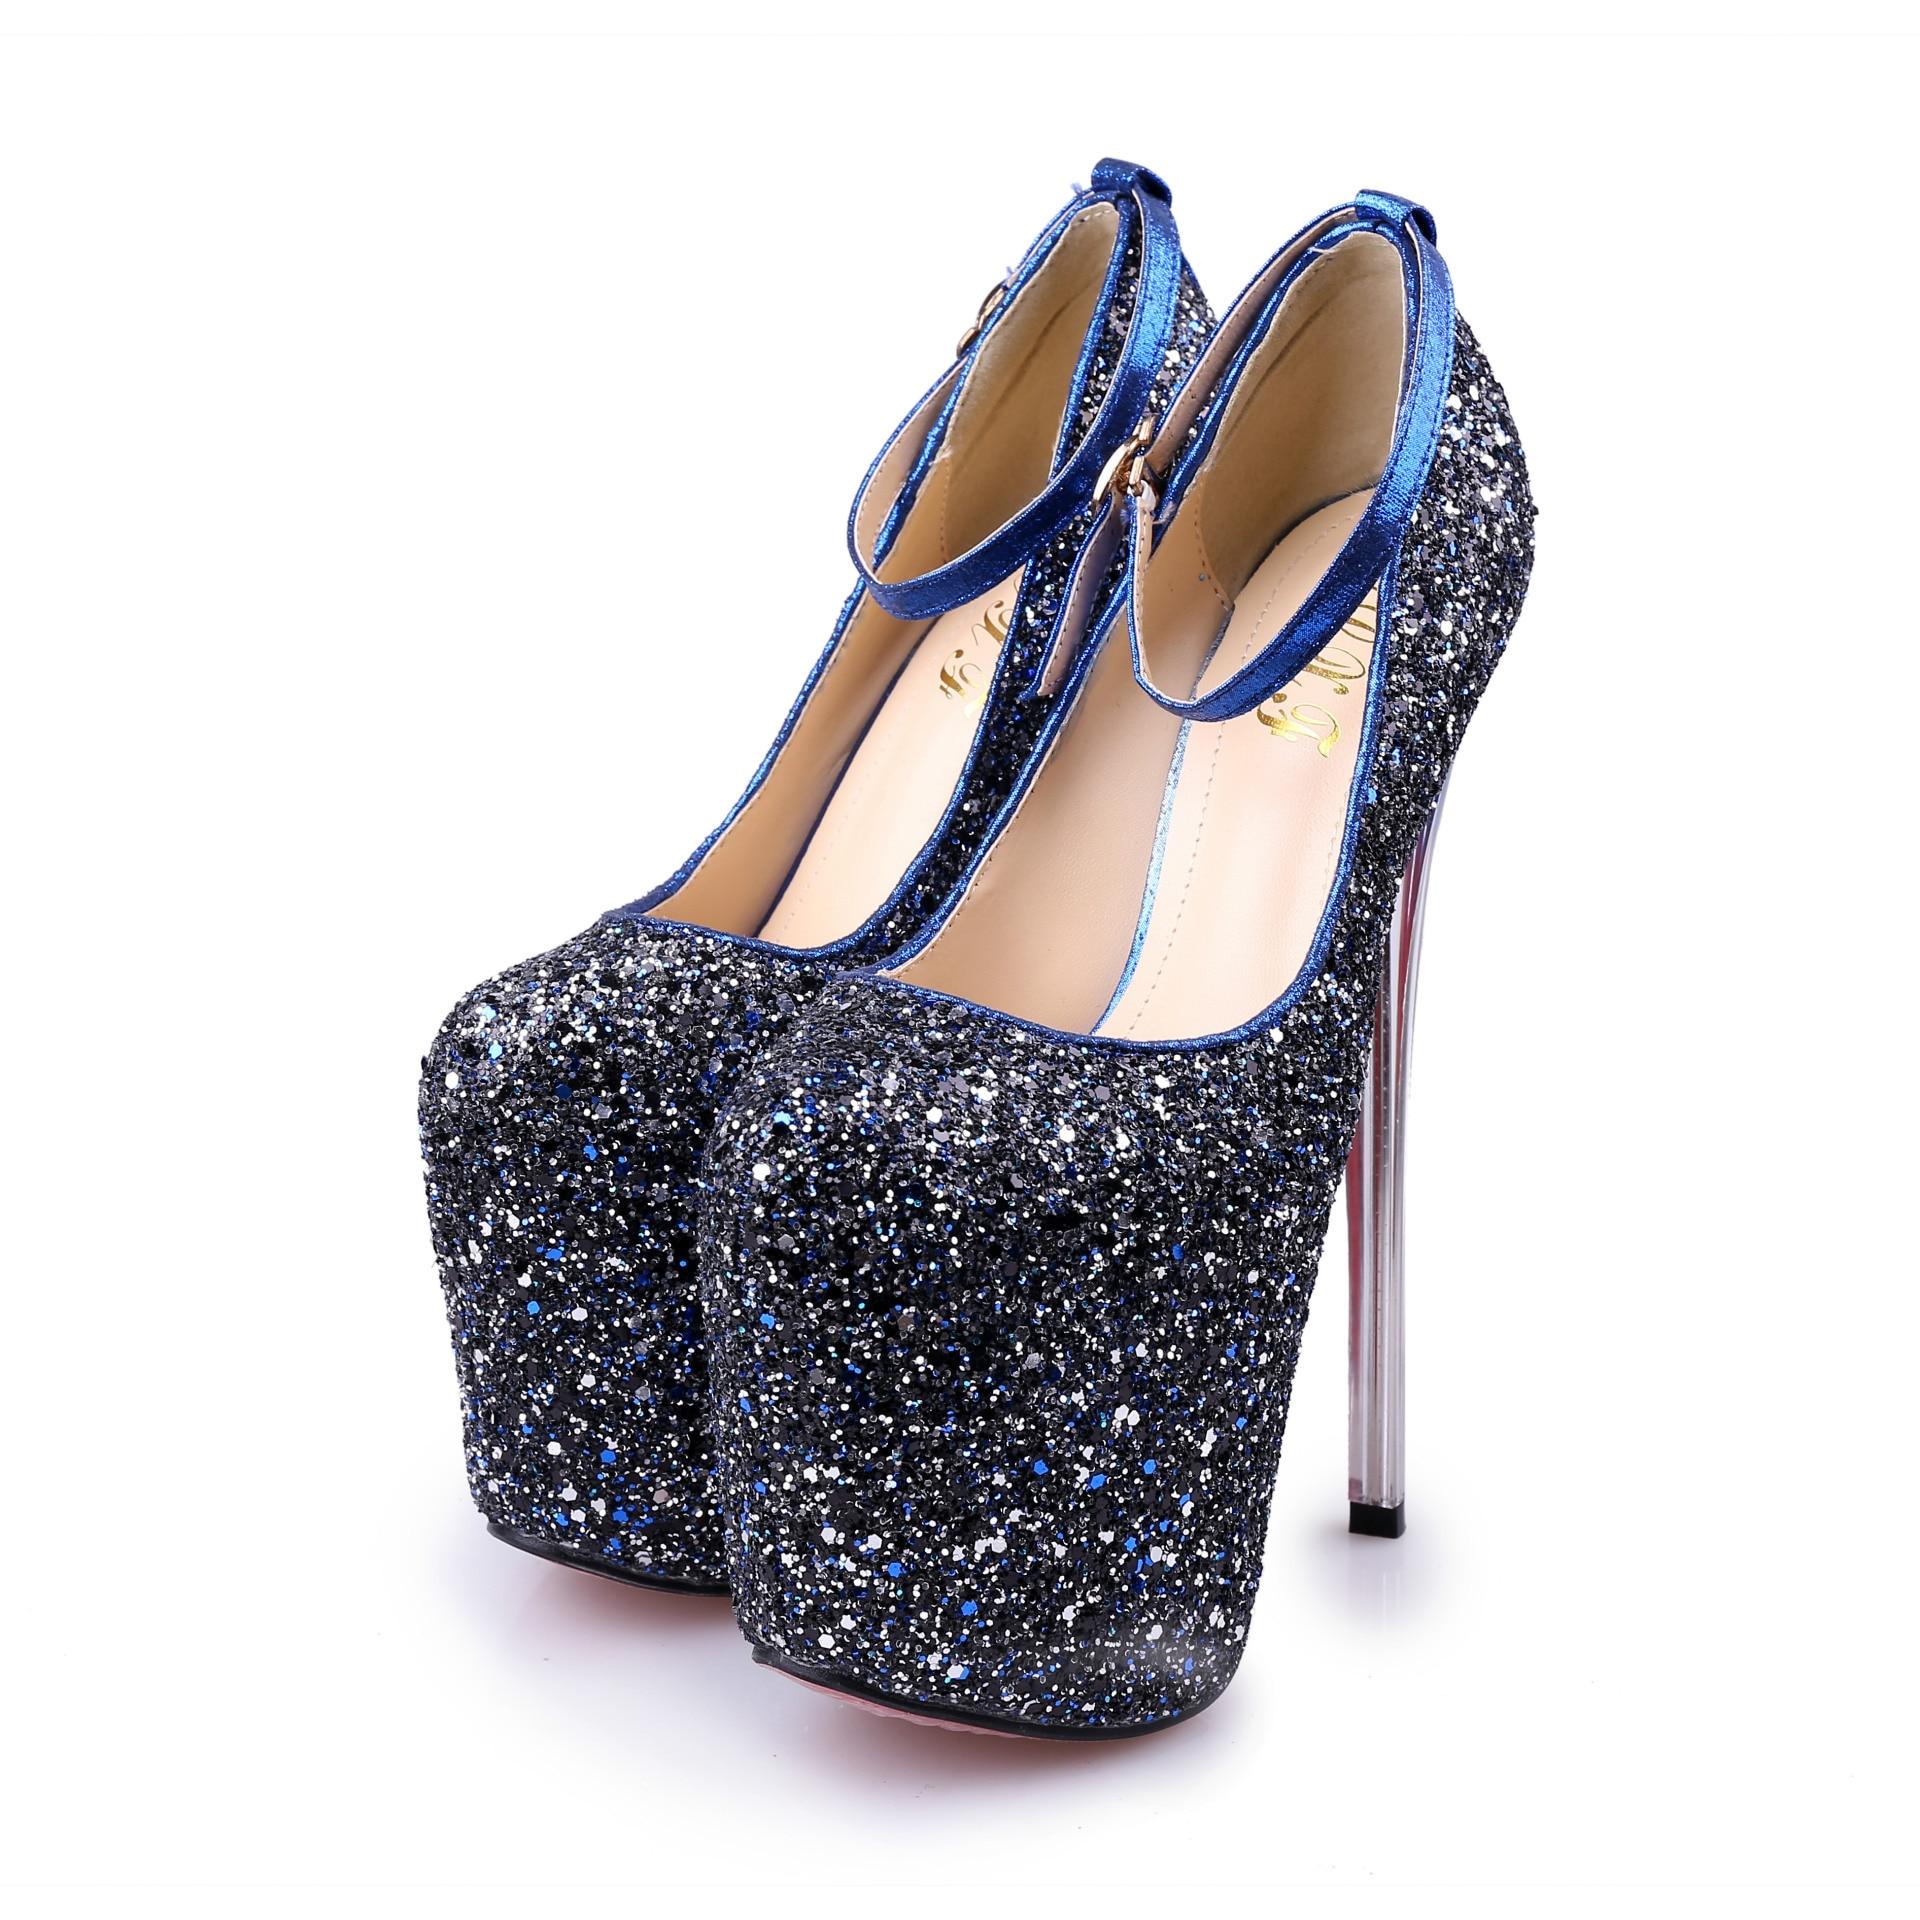 Grande 20 Stiletto Bouche Poadisfoo Chaussures Profonde 12d Blue Peu gold 6678 Mètres Discothèque Paillettes Déteste Mjl Haute 43 Taille T Cm chaussures SfWA0BW